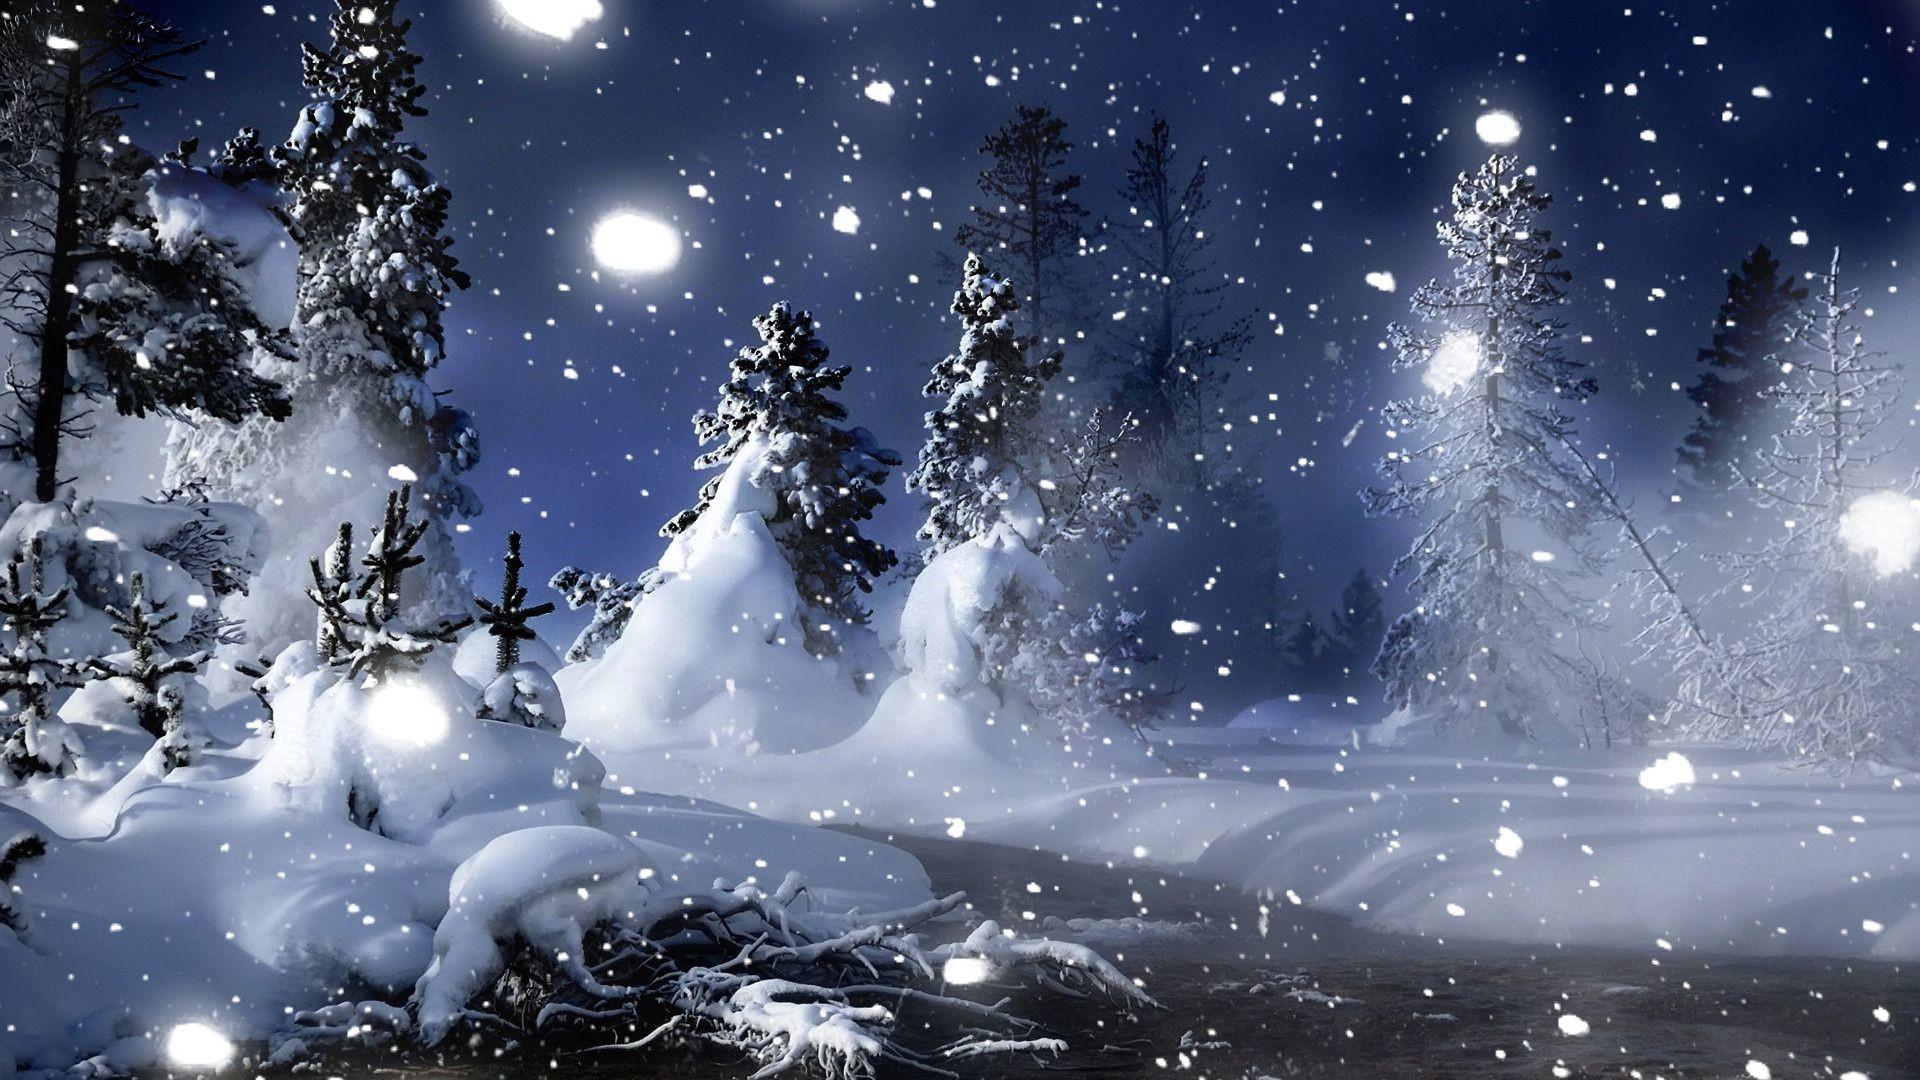 Snowy Winter Night Scenes Wallpaper | HD Wallpapers | Pinterest | Winter  night, Hd wallpaper and Wallpaper